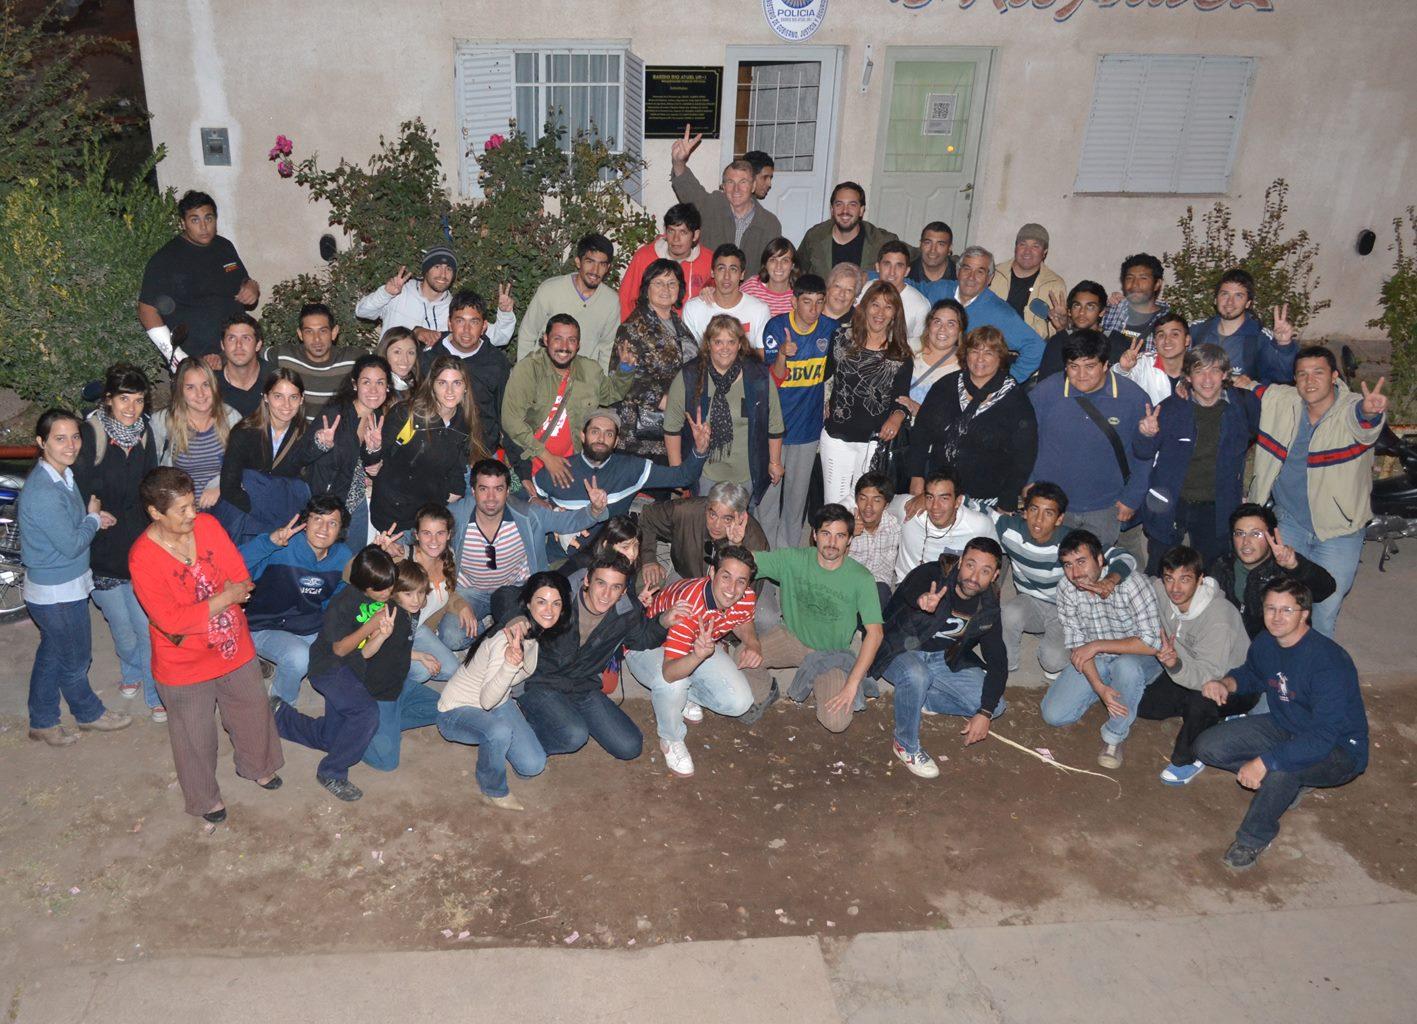 La Pampa: Genaro Goycochea presidente de la comisión vecinal de Colonia Escalante